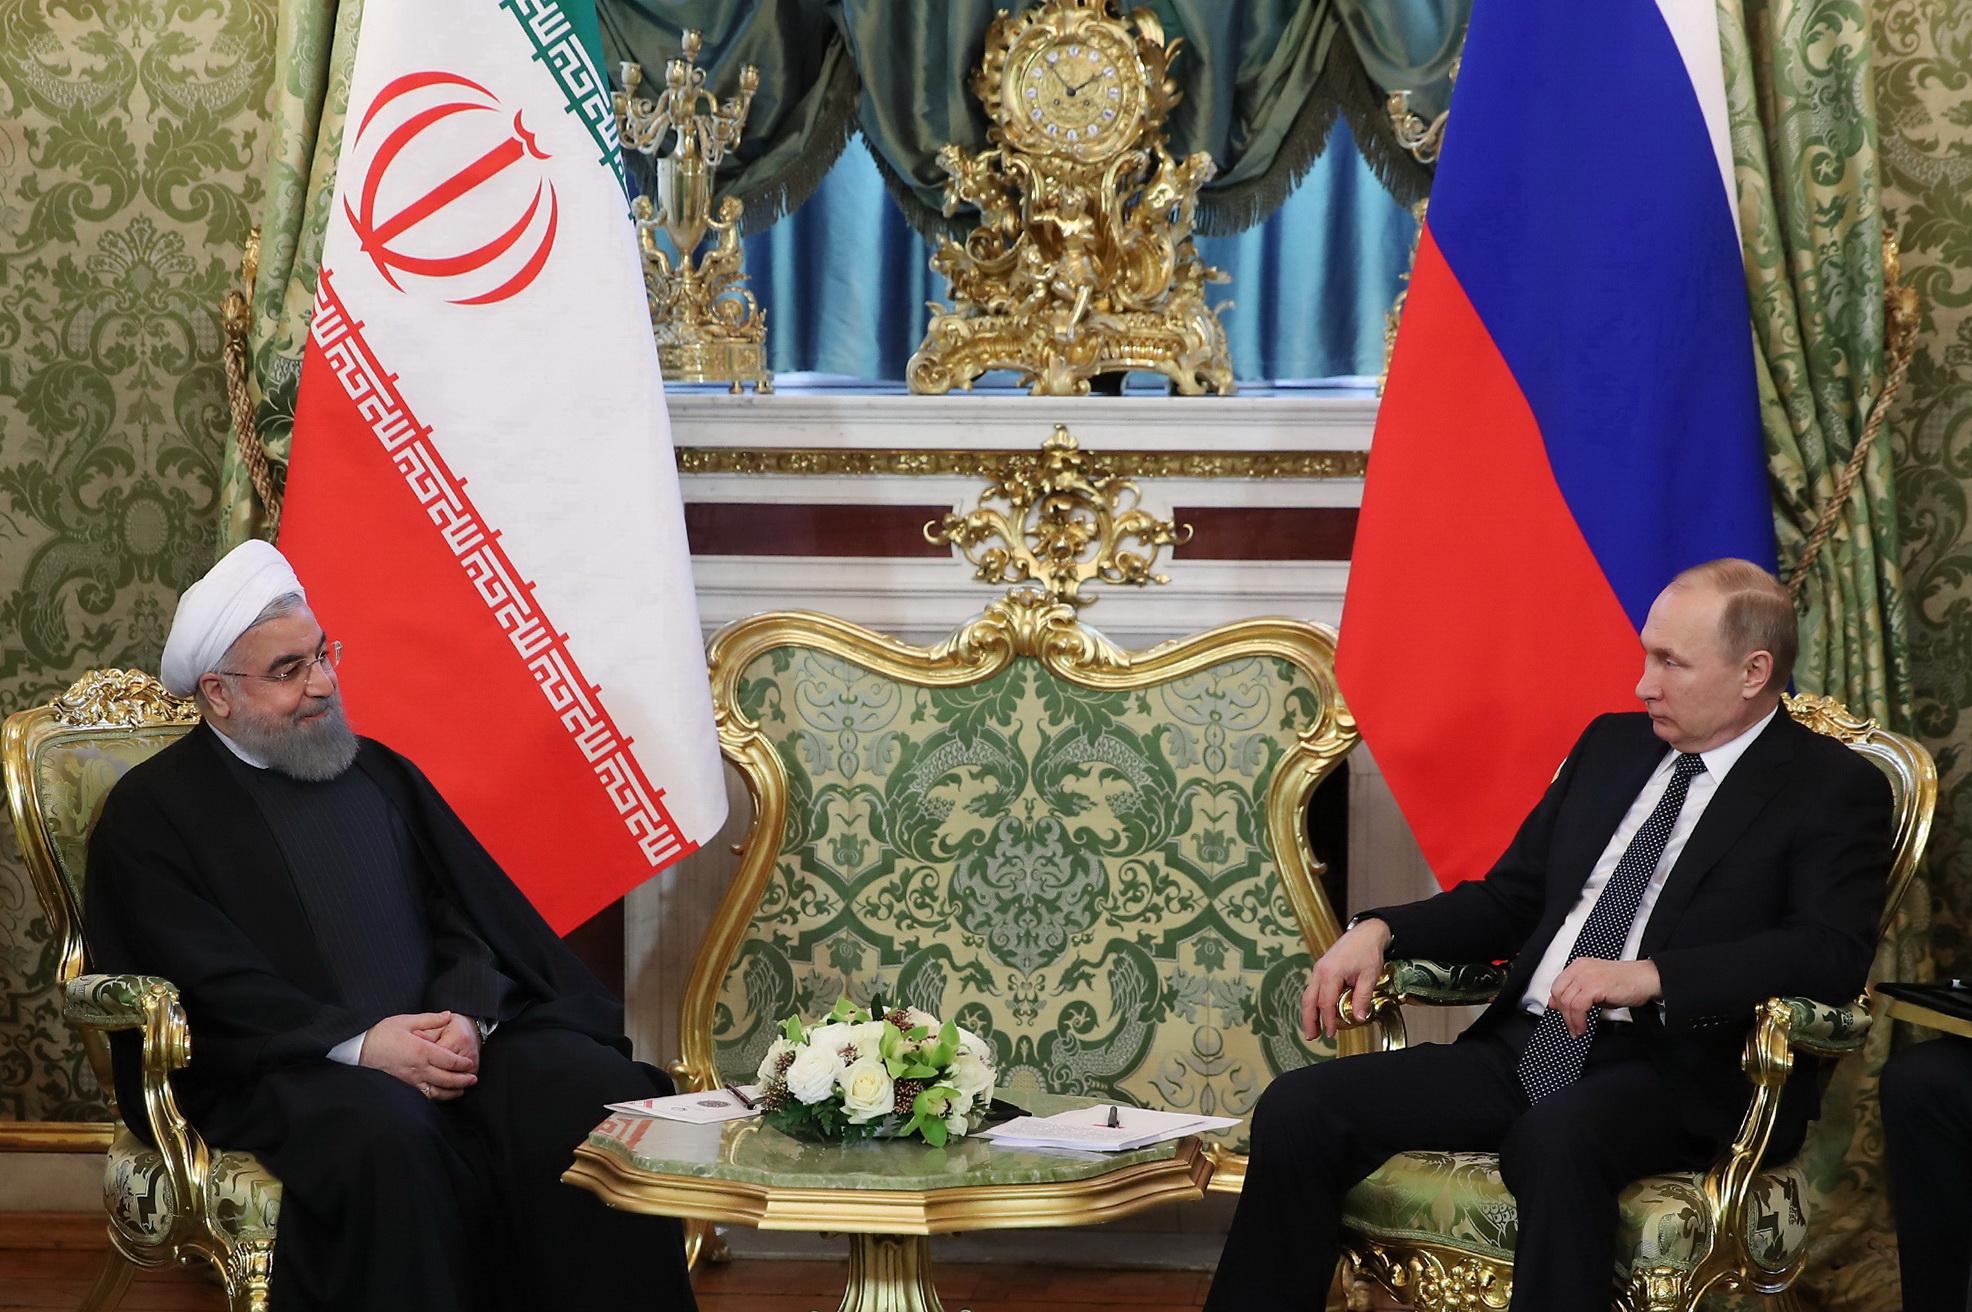 مانعی در مسیر روابط ایران و روسیه وجود ندارد/ روابط ایران و روسیه به زیان کشور ثالثی نخواهد بود